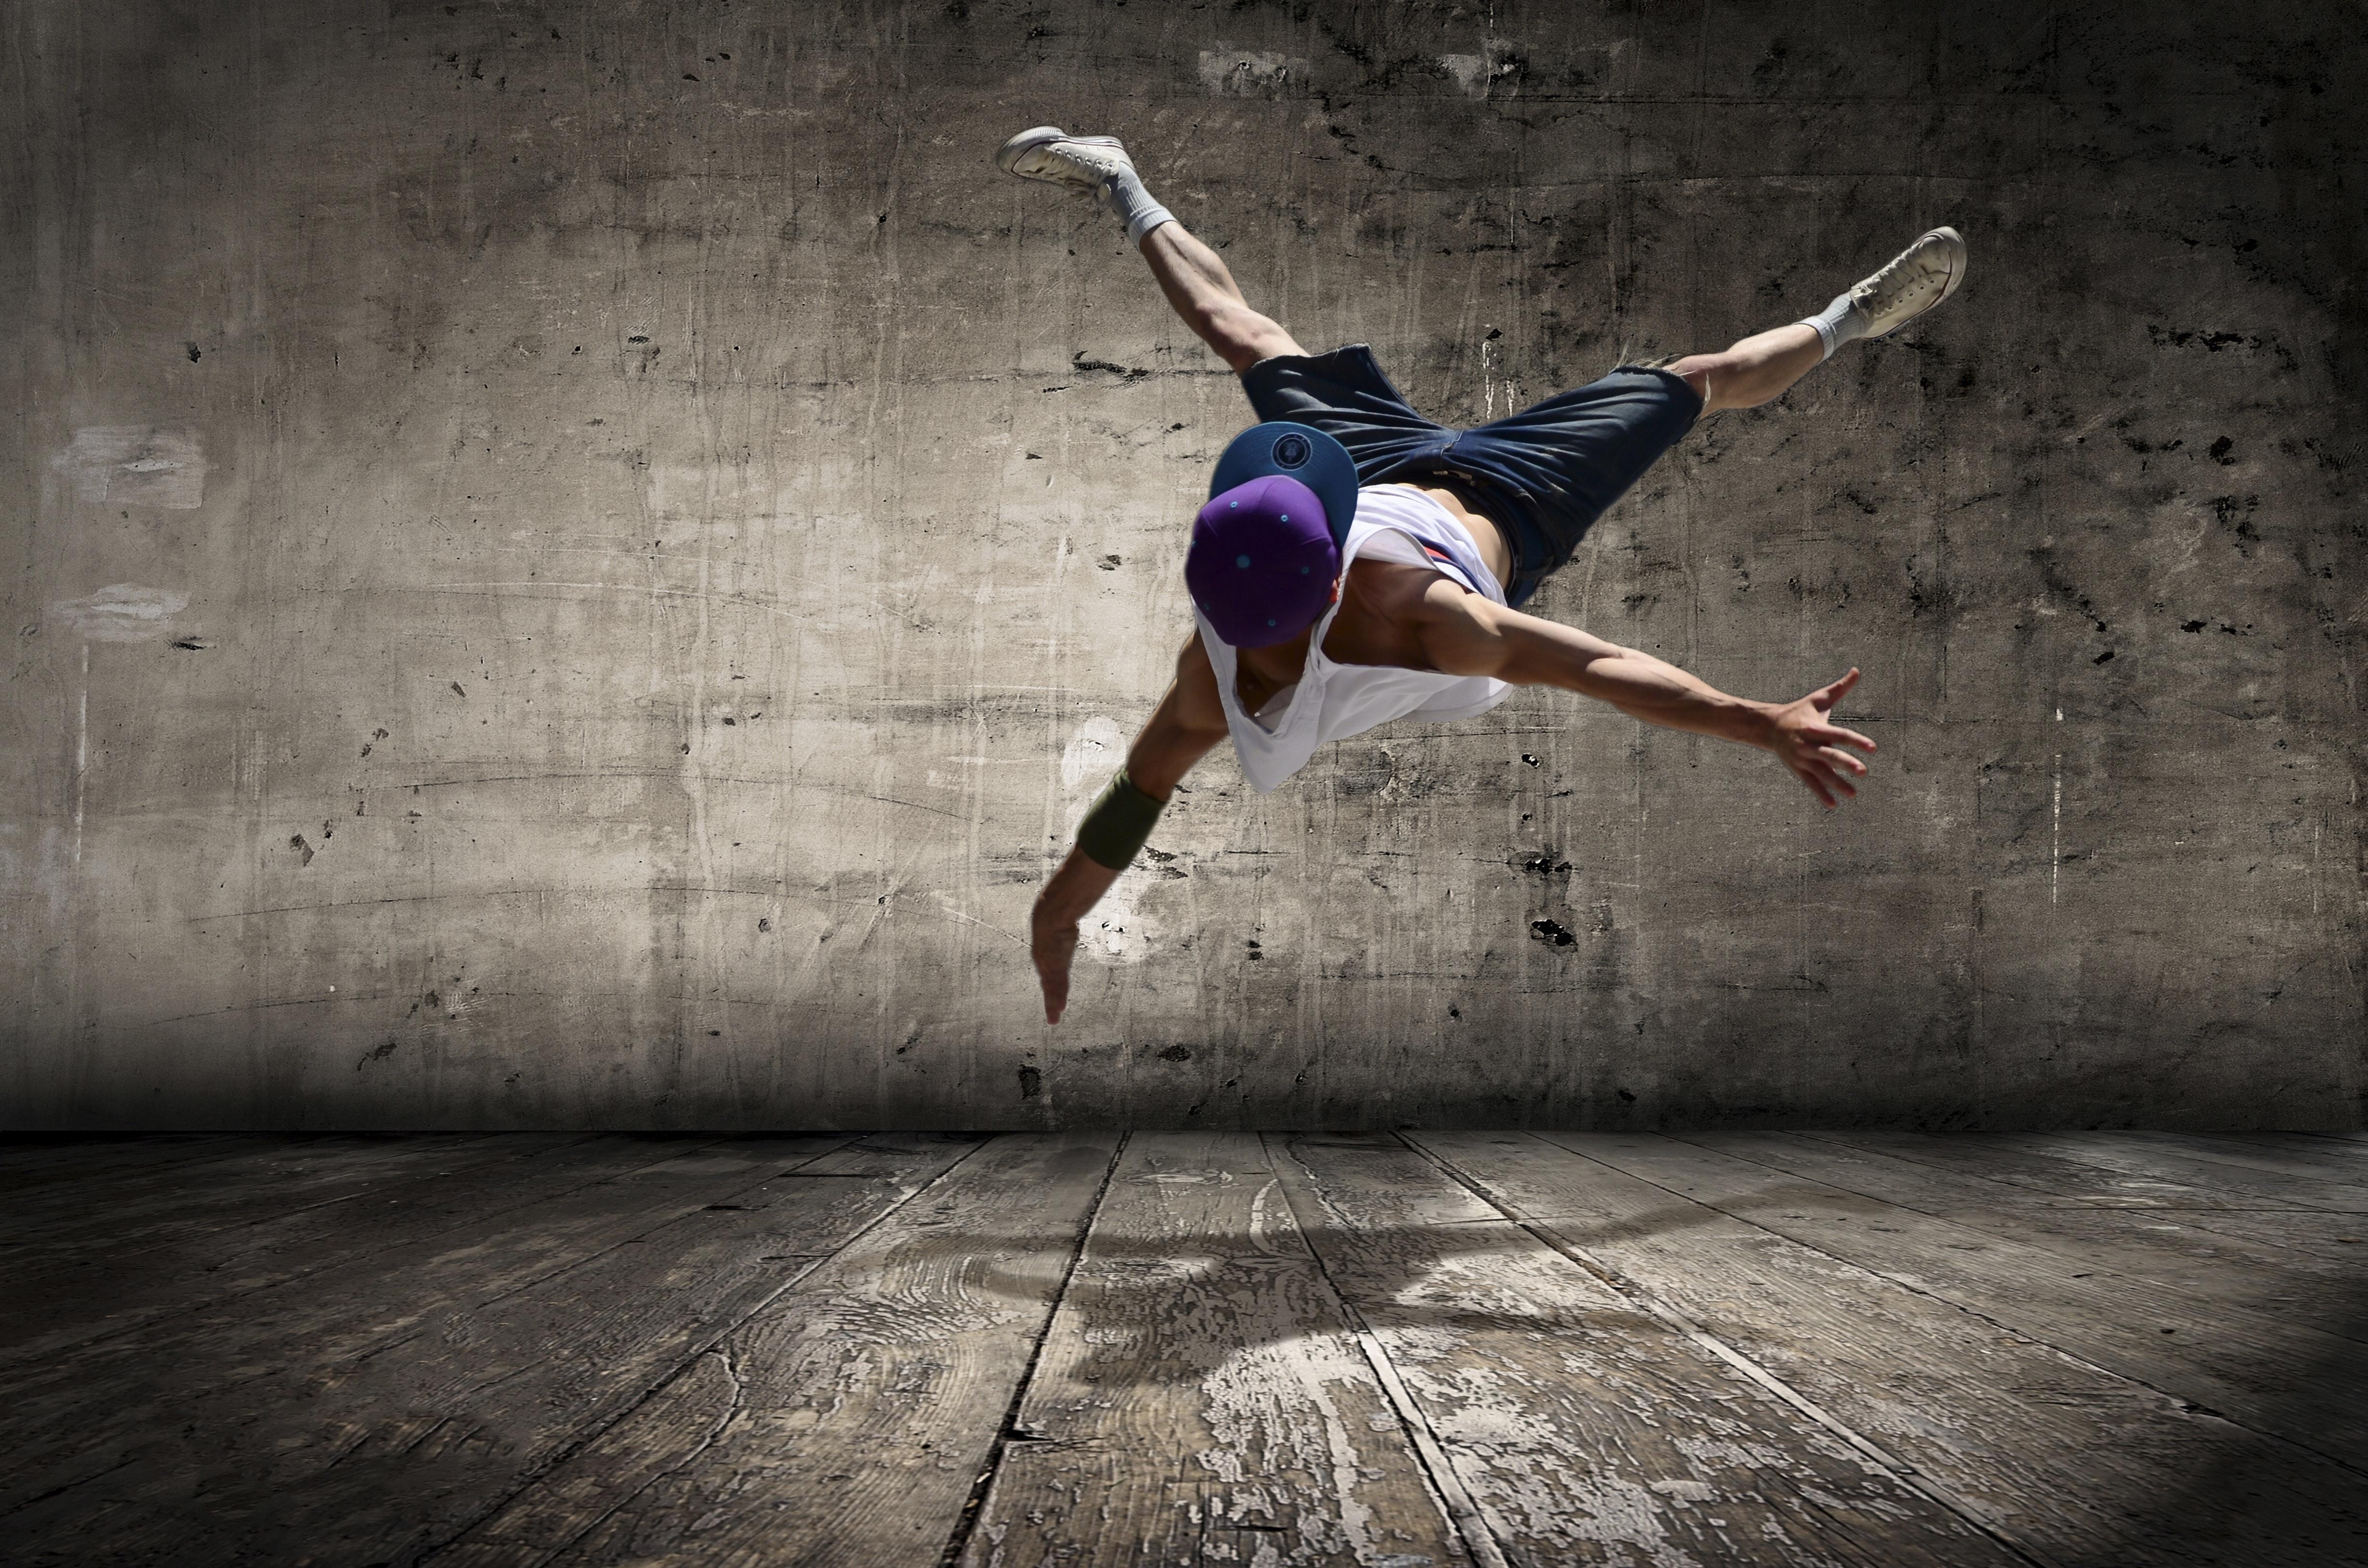 En dansare i luften